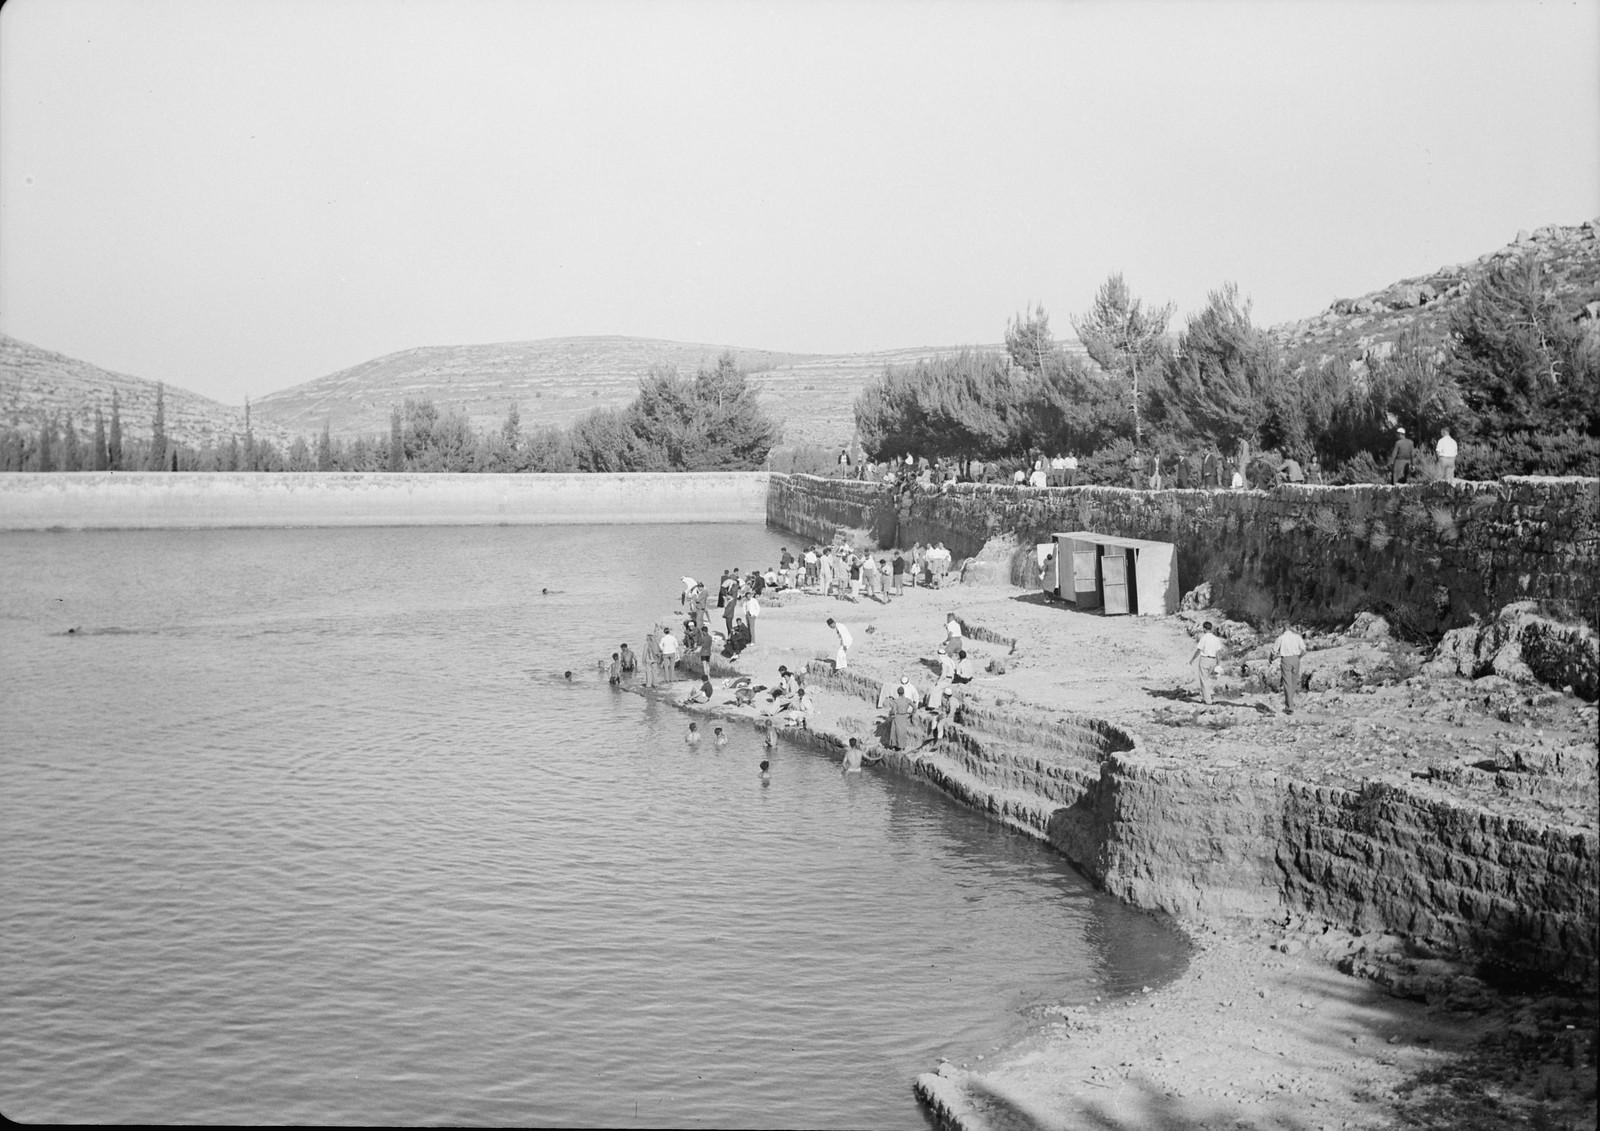 04. Группа купальщиков, готовящихся окунуться в средний бассейн